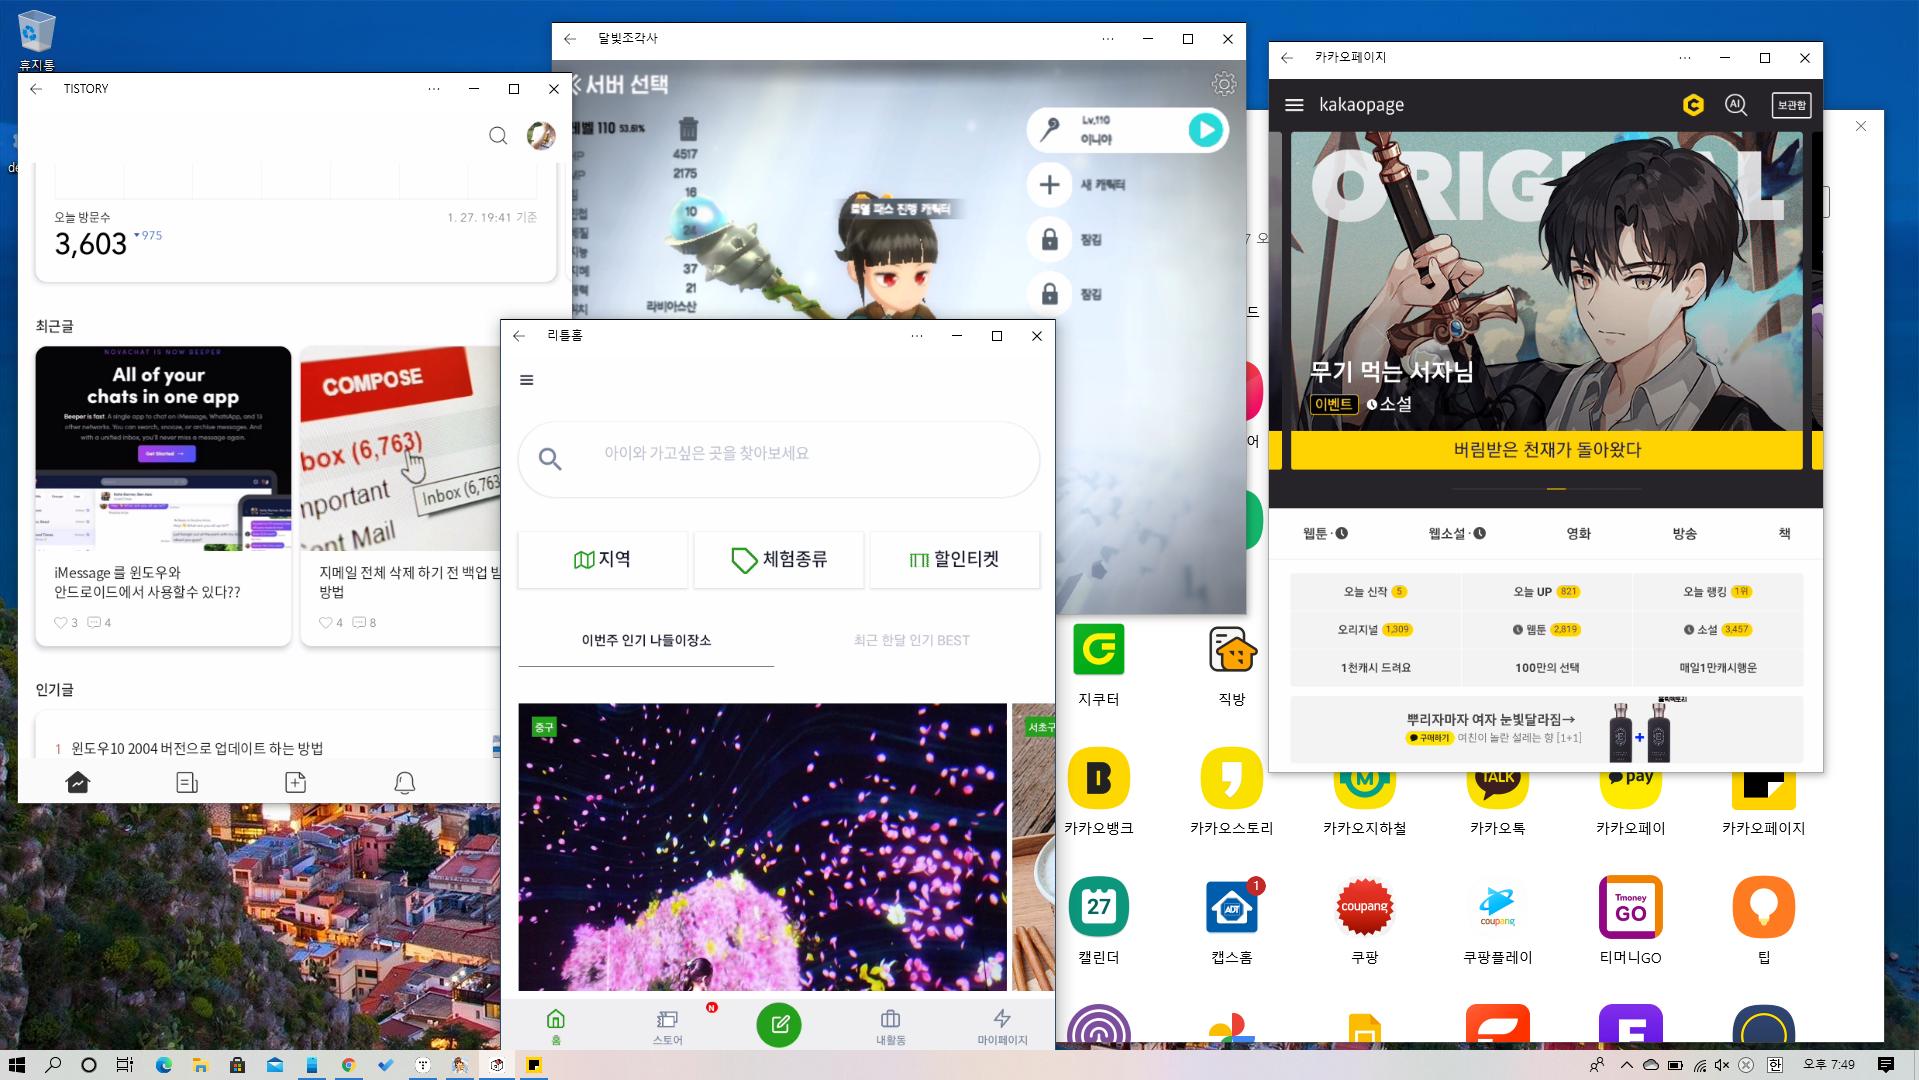 윈도우10 에서 안드로이드 앱 한번에 여러 개 실행 가능